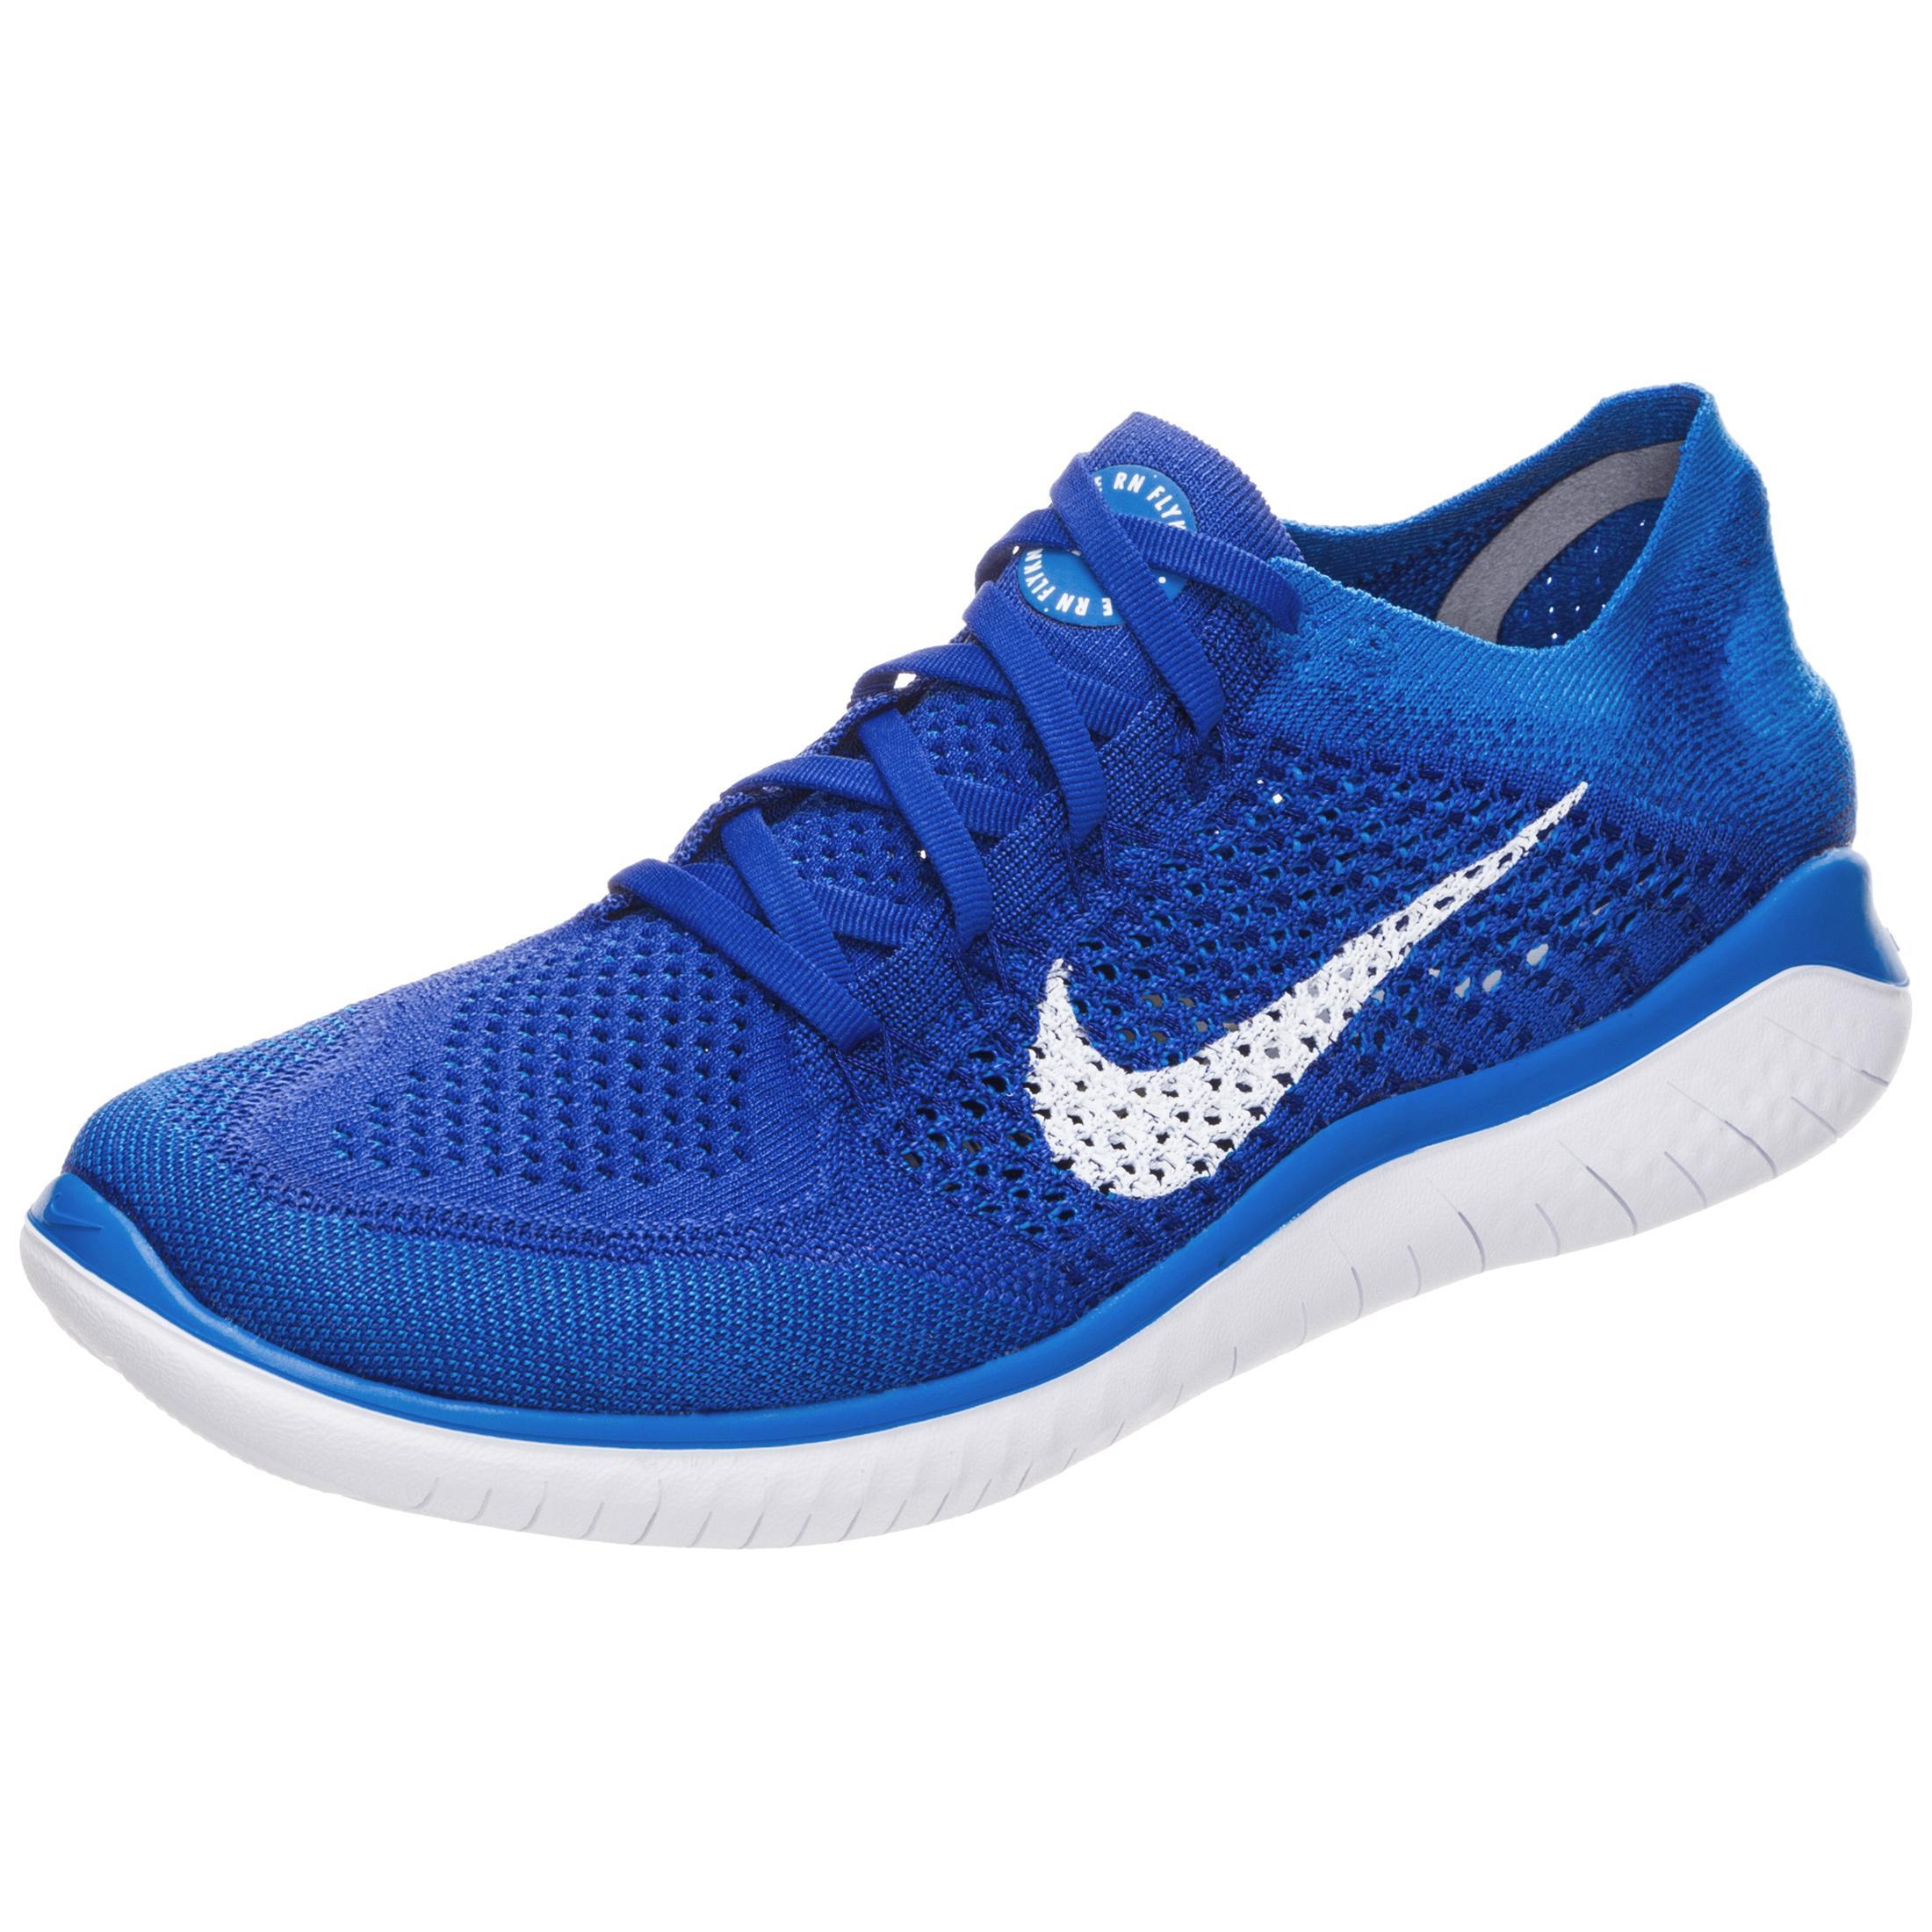 Nike Free RN Flyknit 2018 Laufschuhe Herren blau / weiß im Online Shop von  SportScheck kaufen